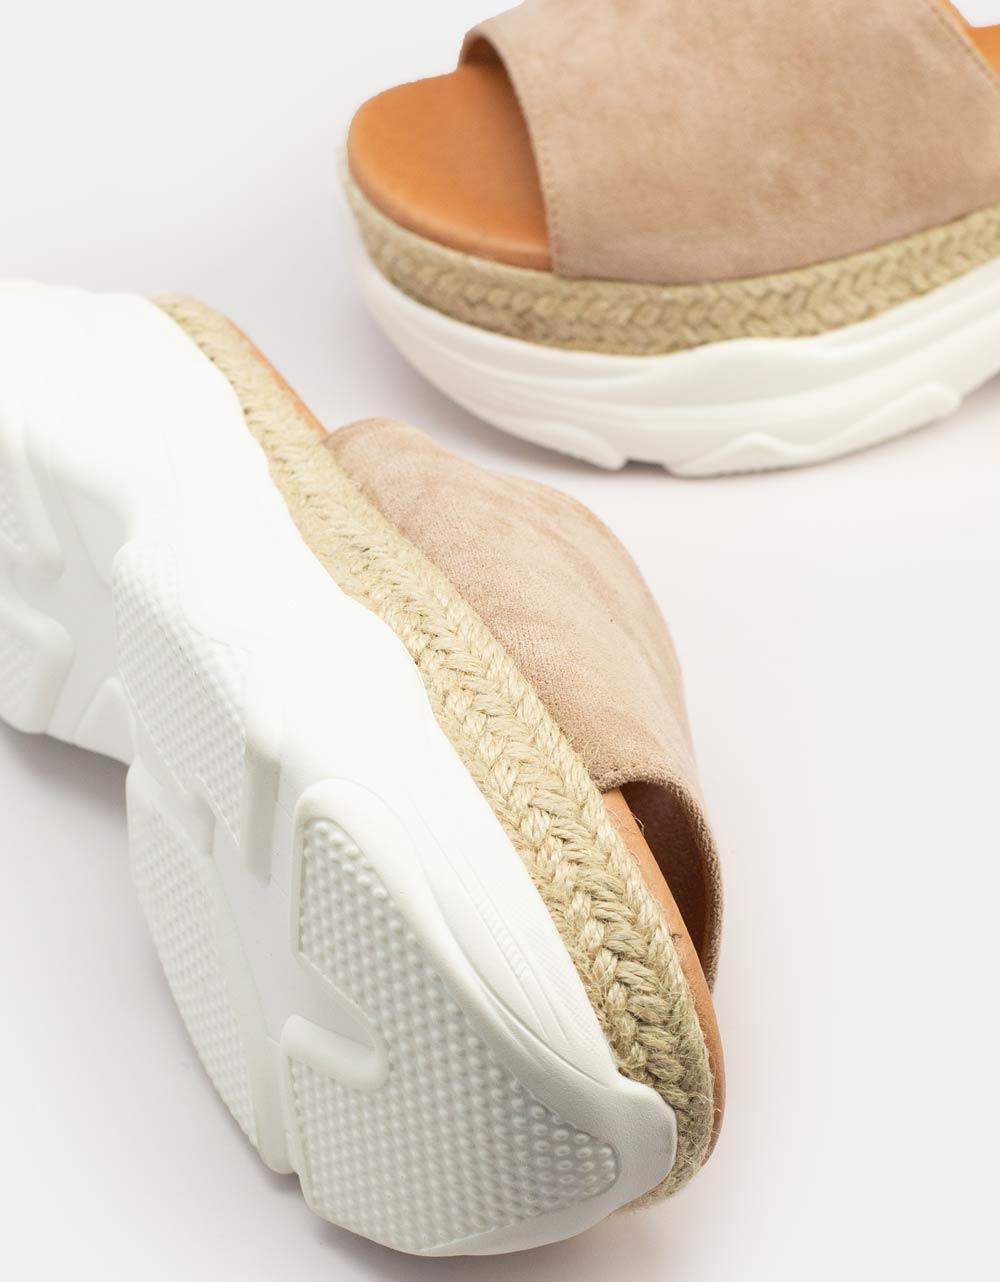 Εικόνα από Γυναικεία σανδάλια με διπλό υλικό Μπεζ